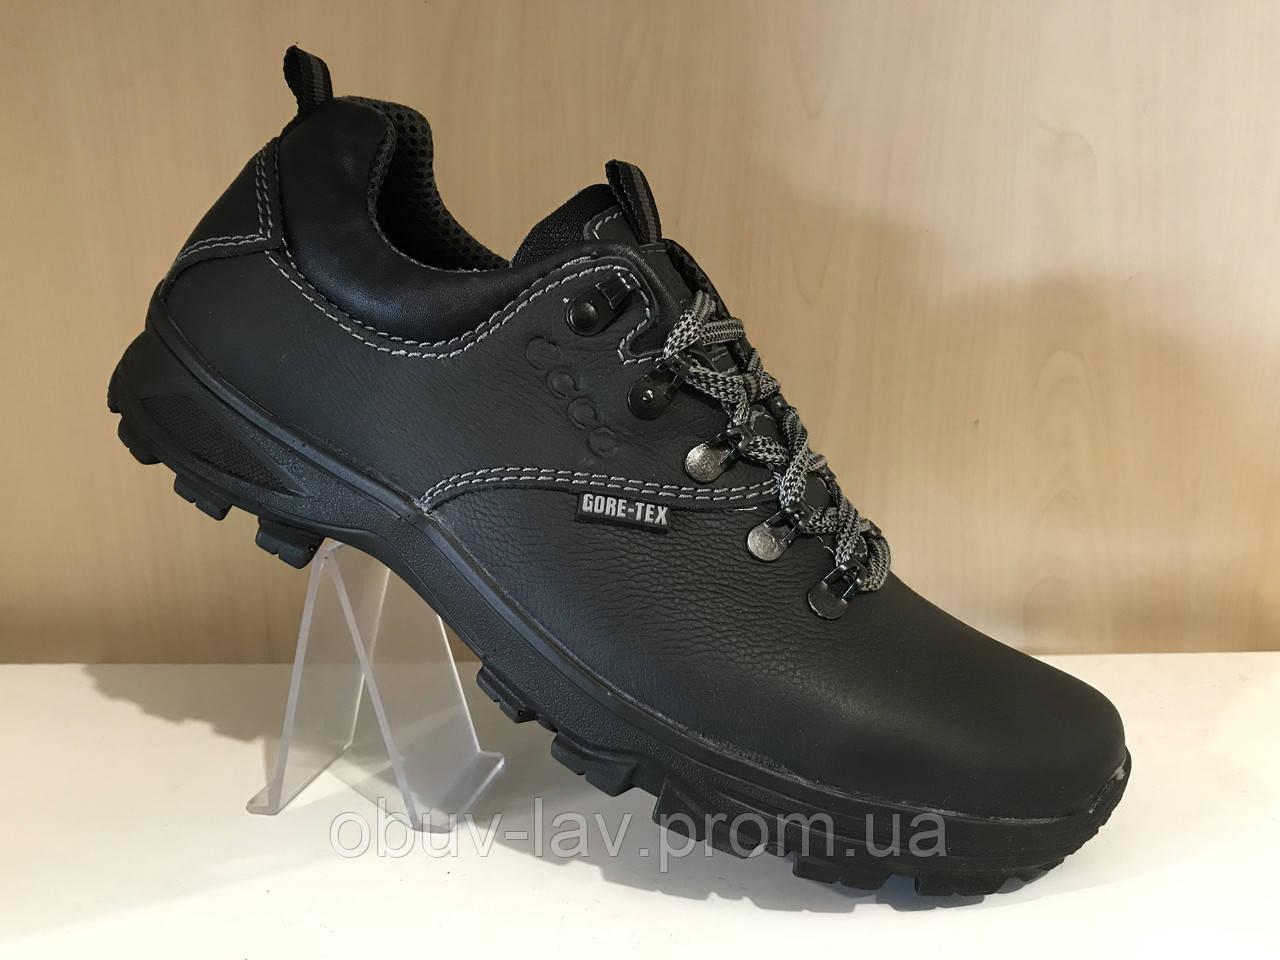 230060d83 Кожаные мужские кроссовки ecco чёрные - Интернет-магазин спортивной обуви